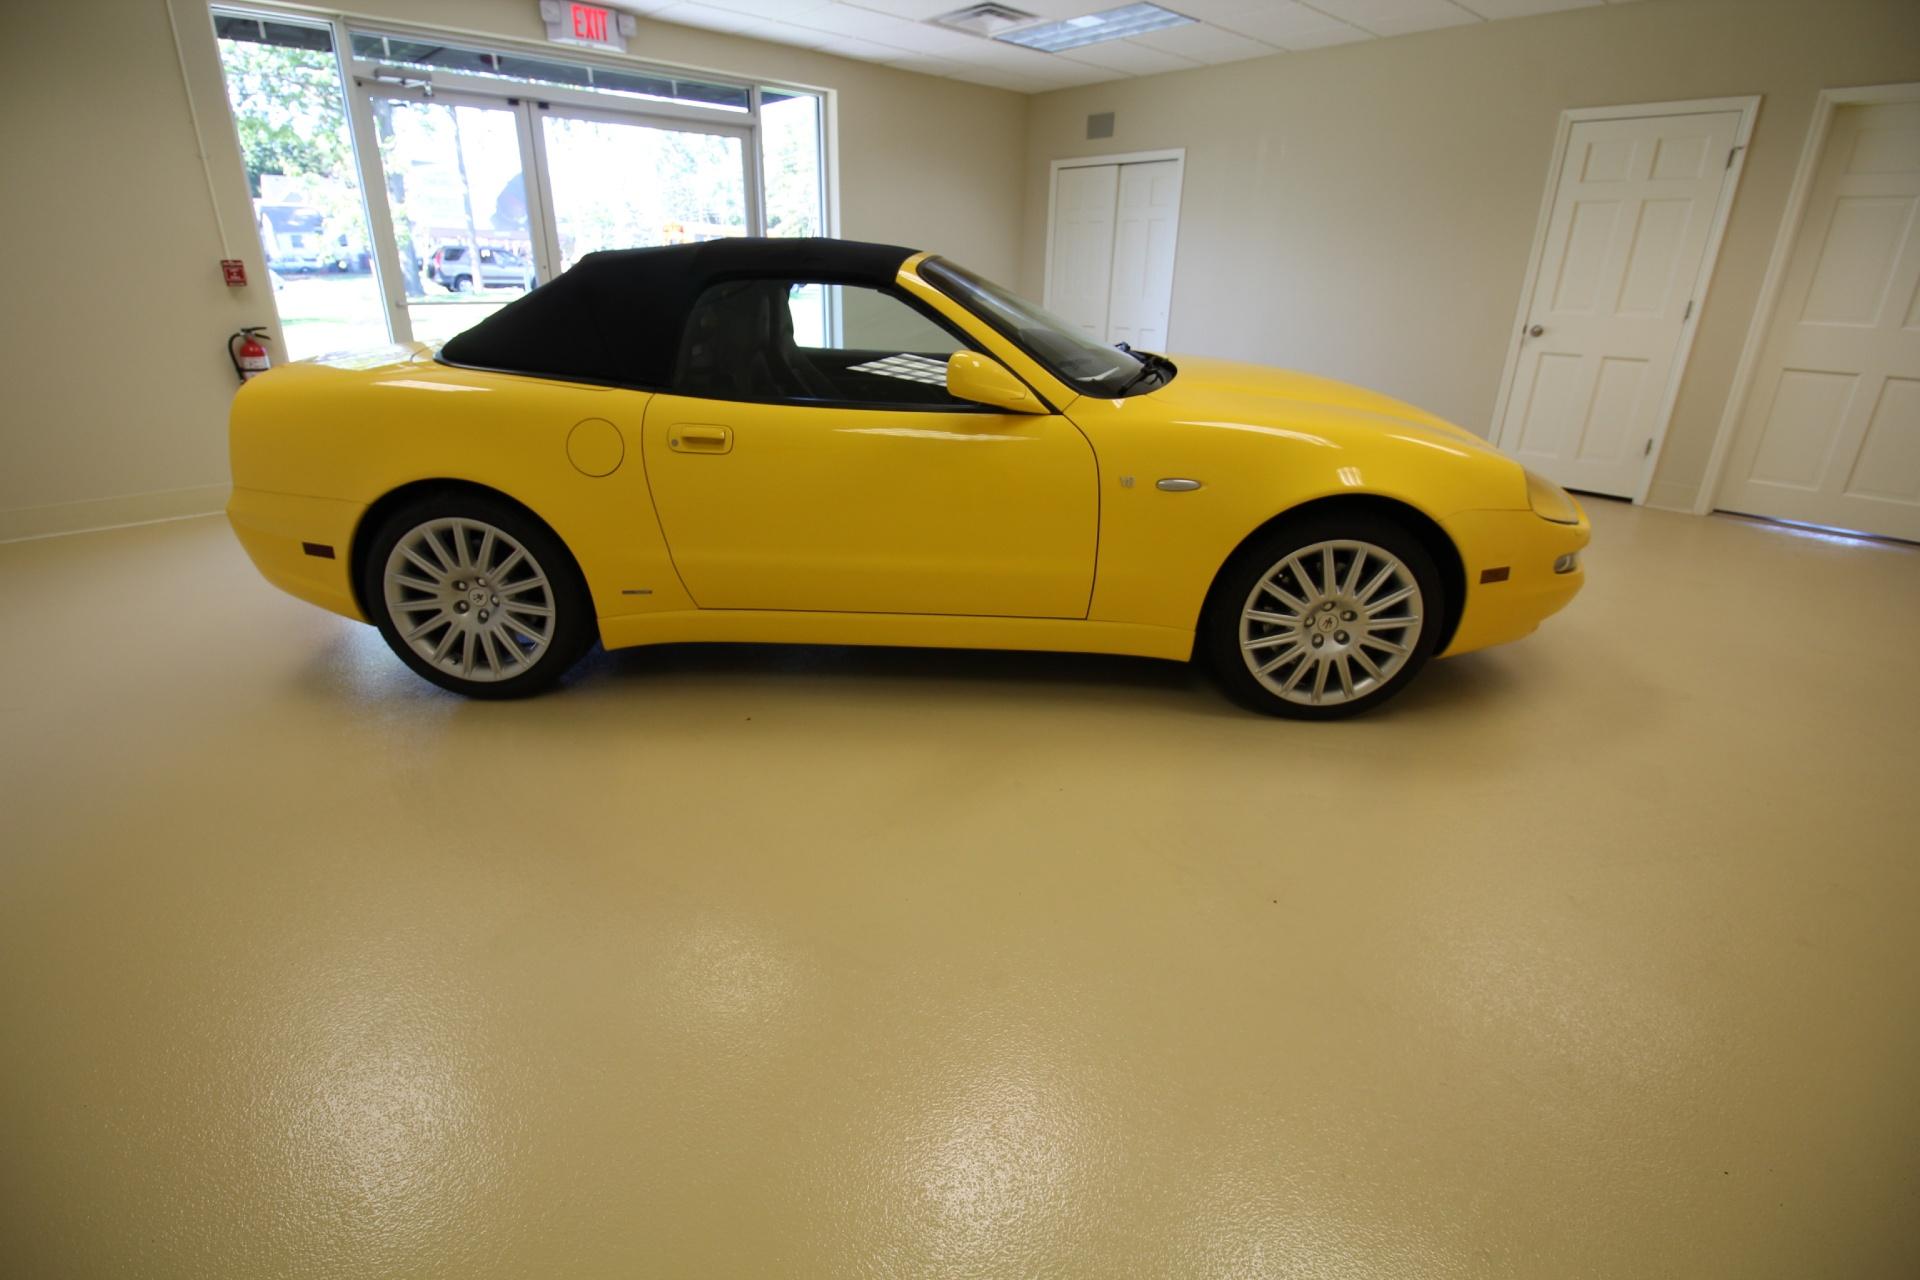 Used 2003 Maserati Spyder Cambiocorsa SPIDER,SUPER CLEAN,SUPER LOW MILES,RARE COLOR COMBO | Albany, NY